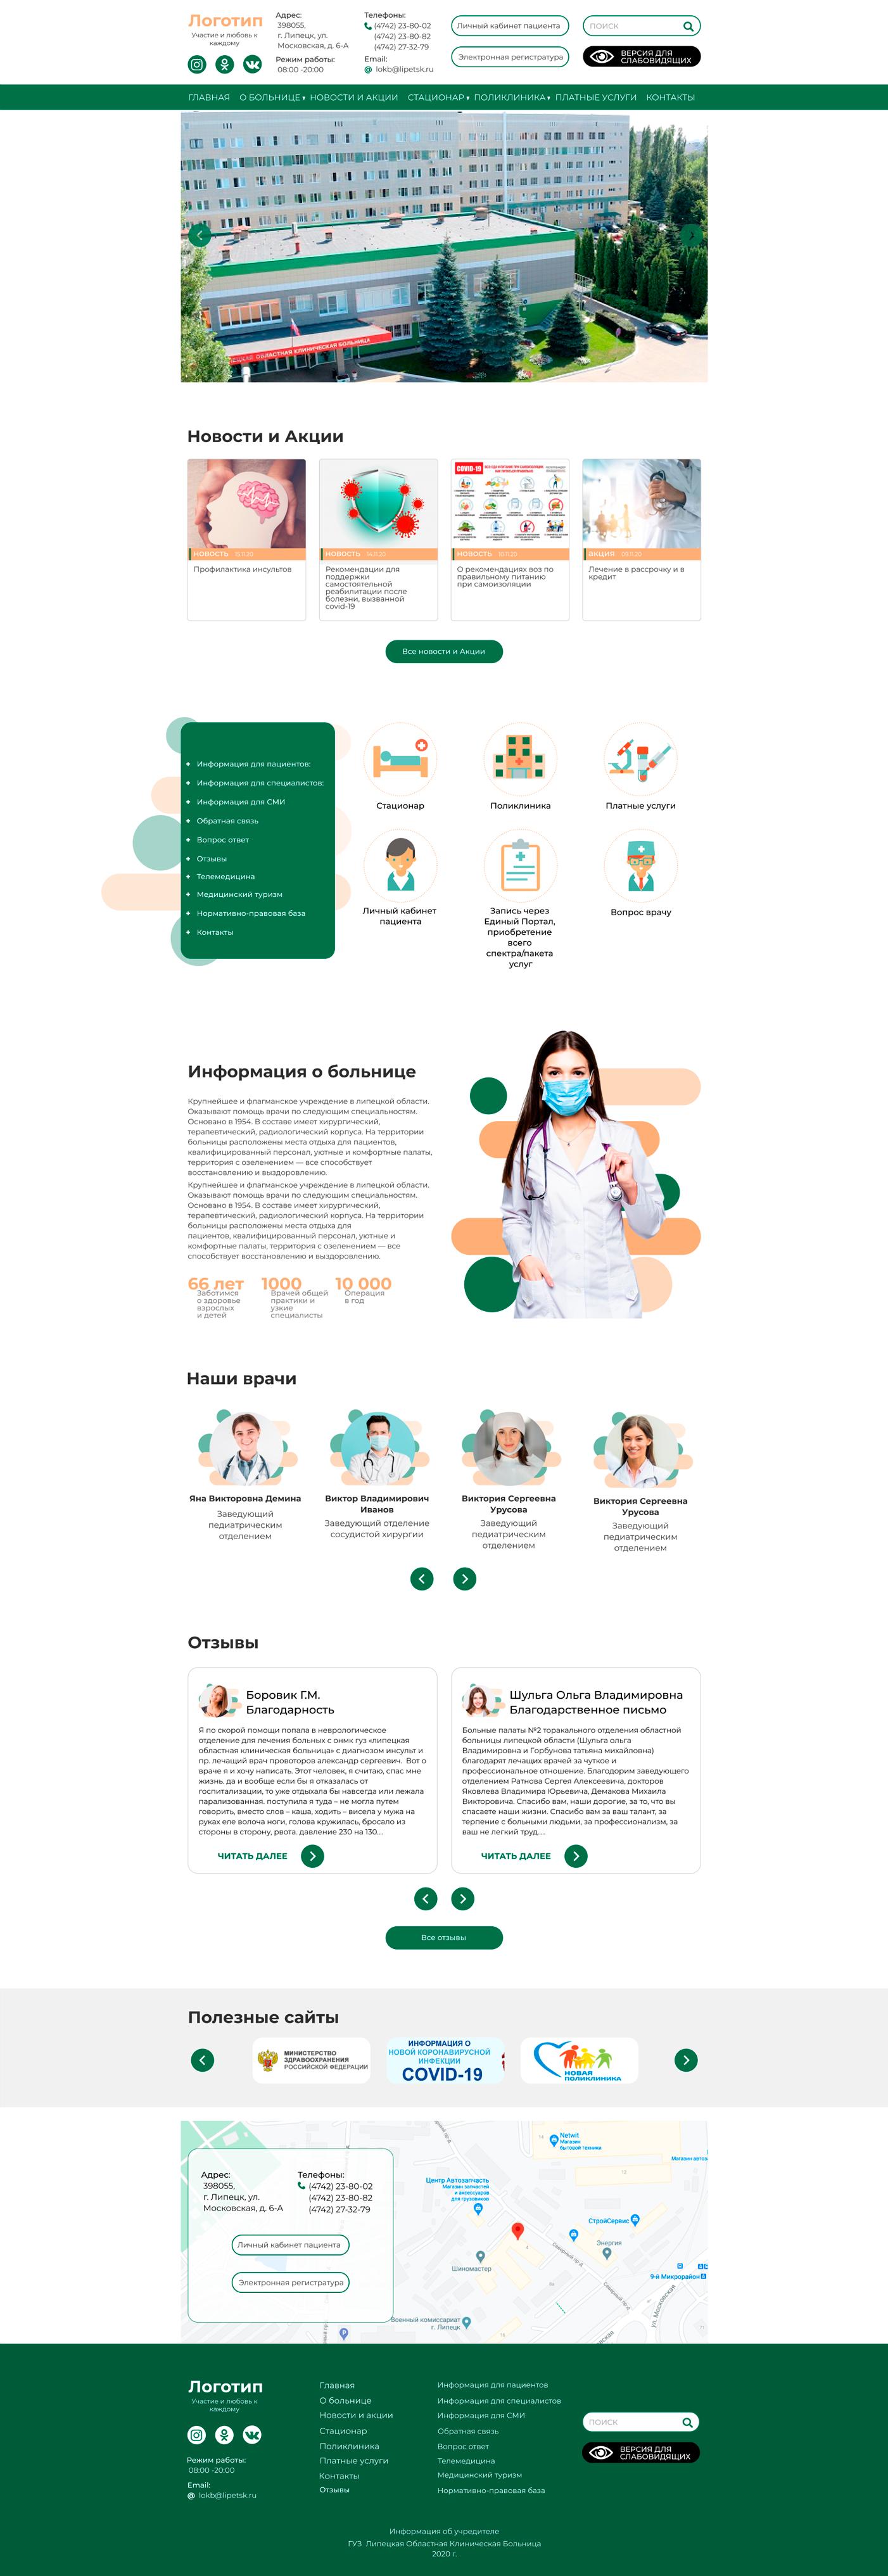 Дизайн для сайта больницы. Главная страница + 2 внутренних. фото f_0905fb3d79b81bee.png